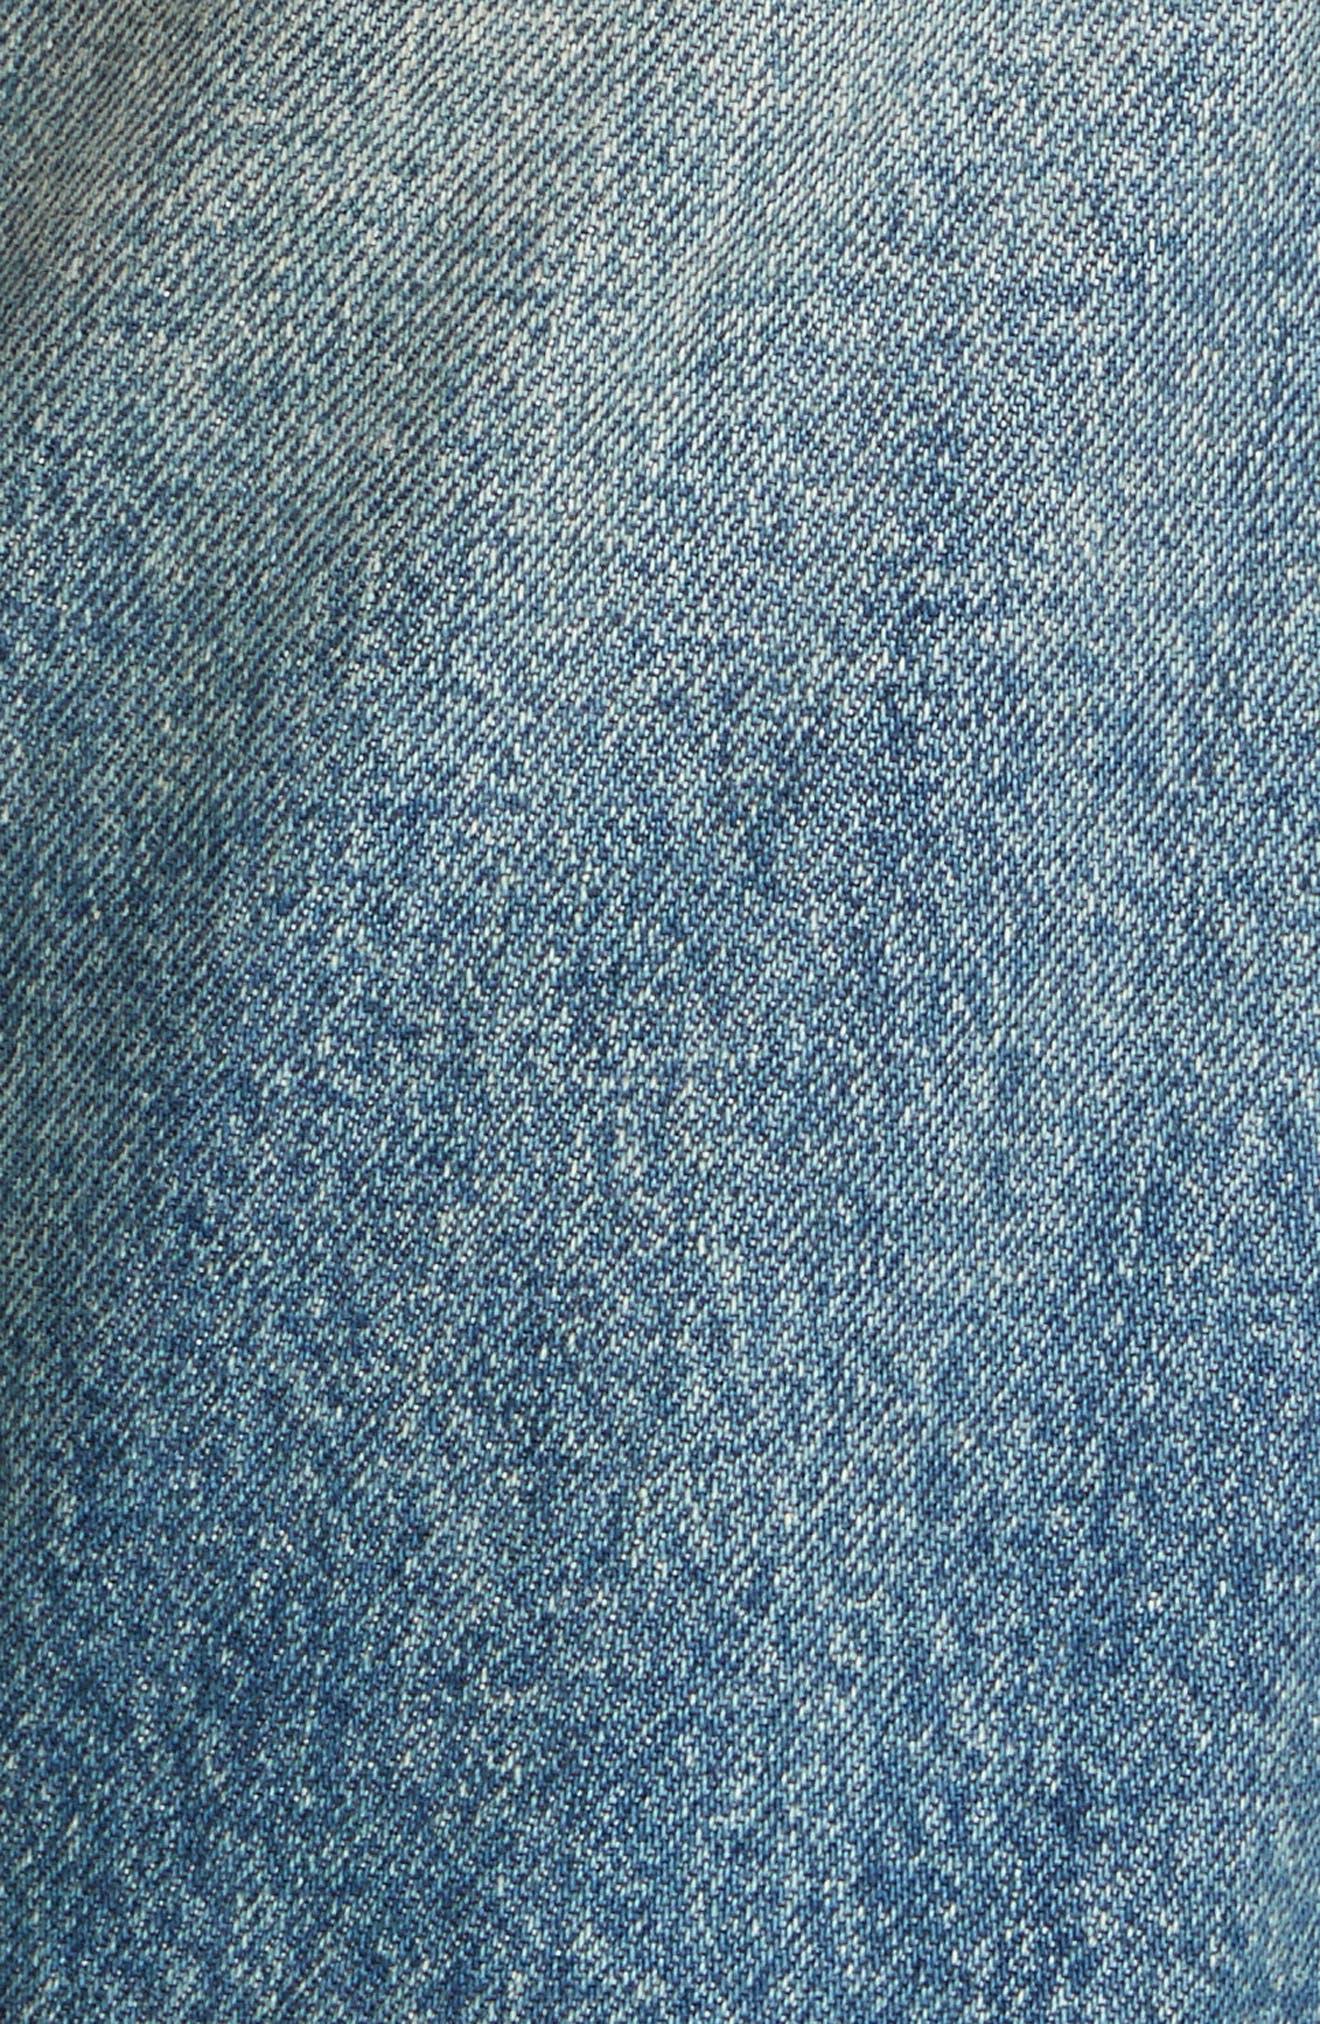 87 Jeans,                             Alternate thumbnail 5, color,                             484